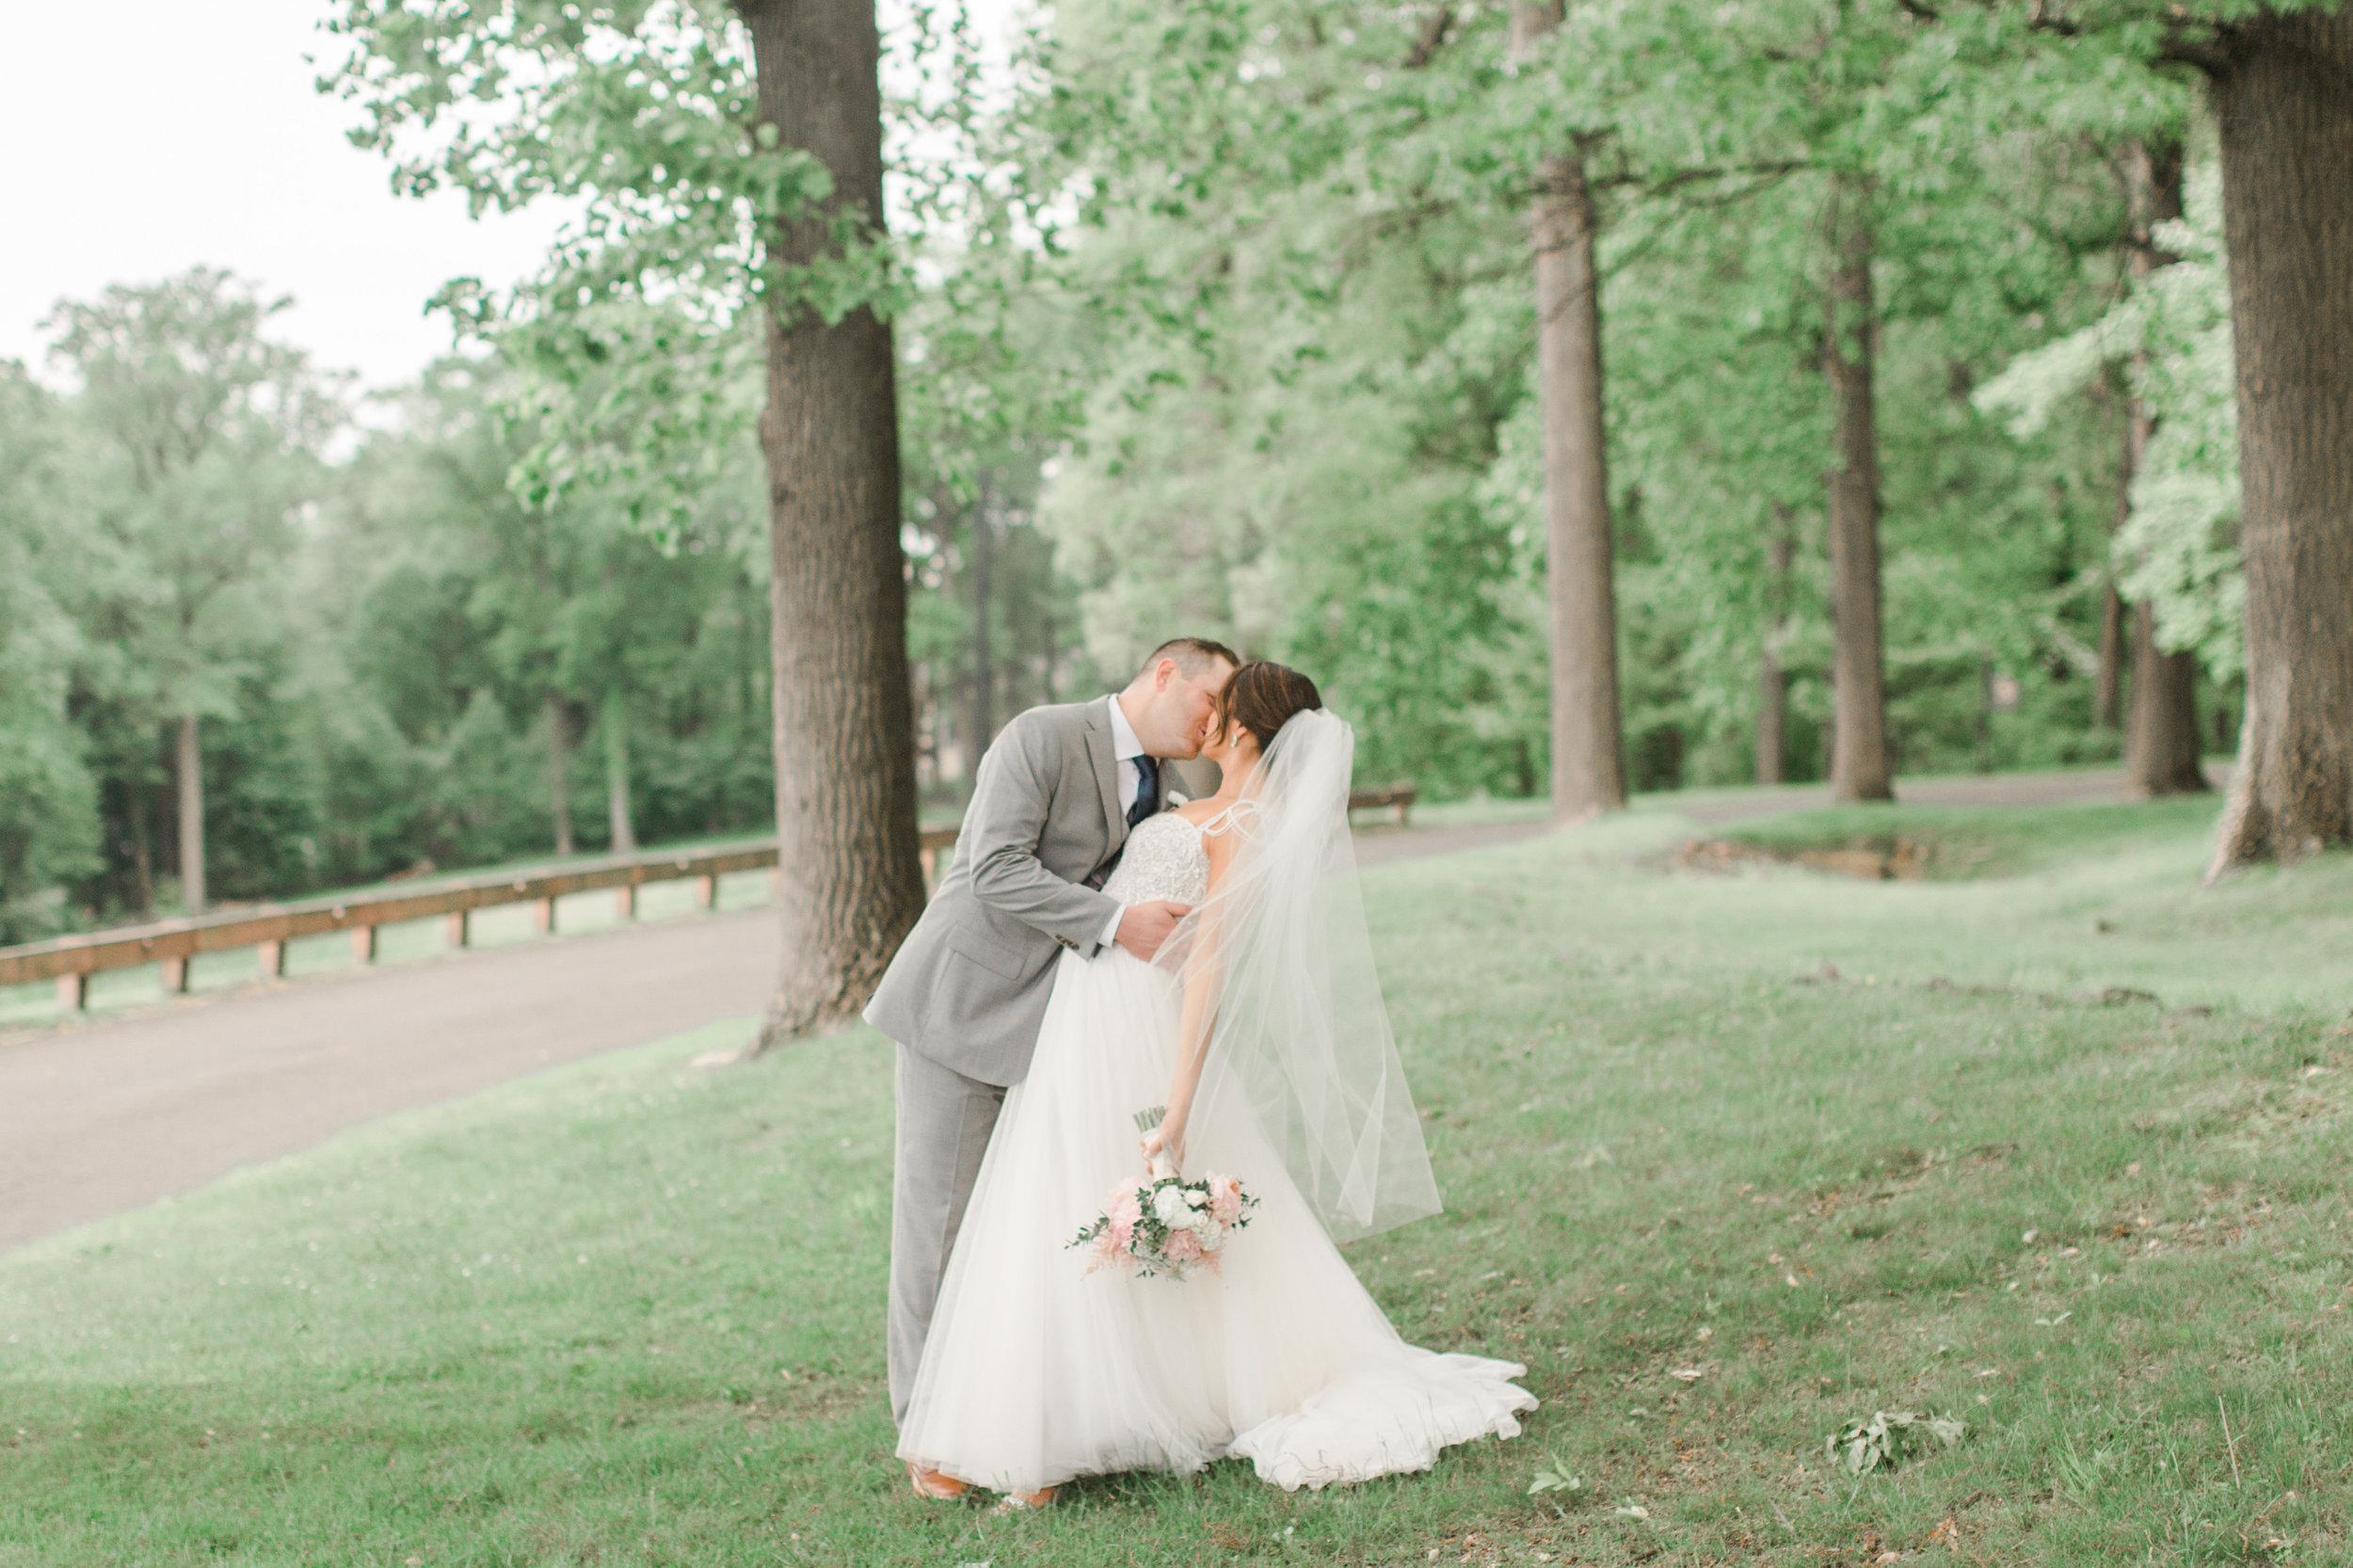 jessicaandchris_wedding (372 of 1021).jpg